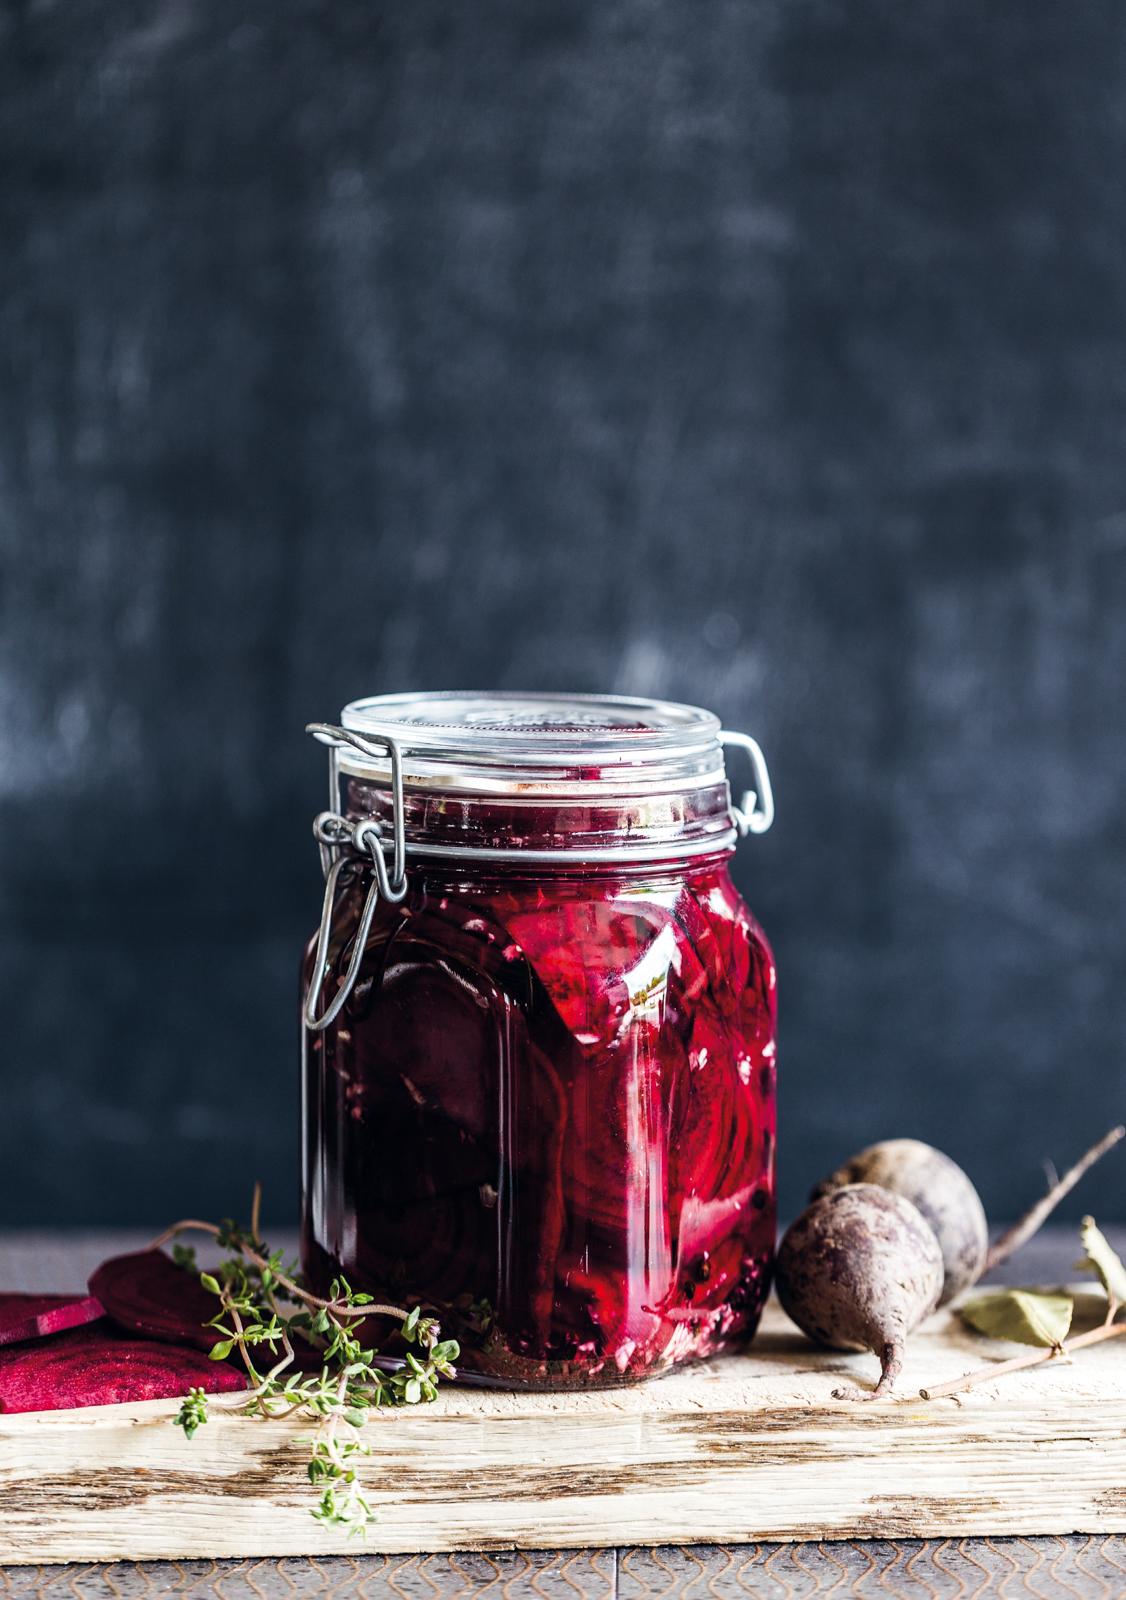 ejlersen fermentering